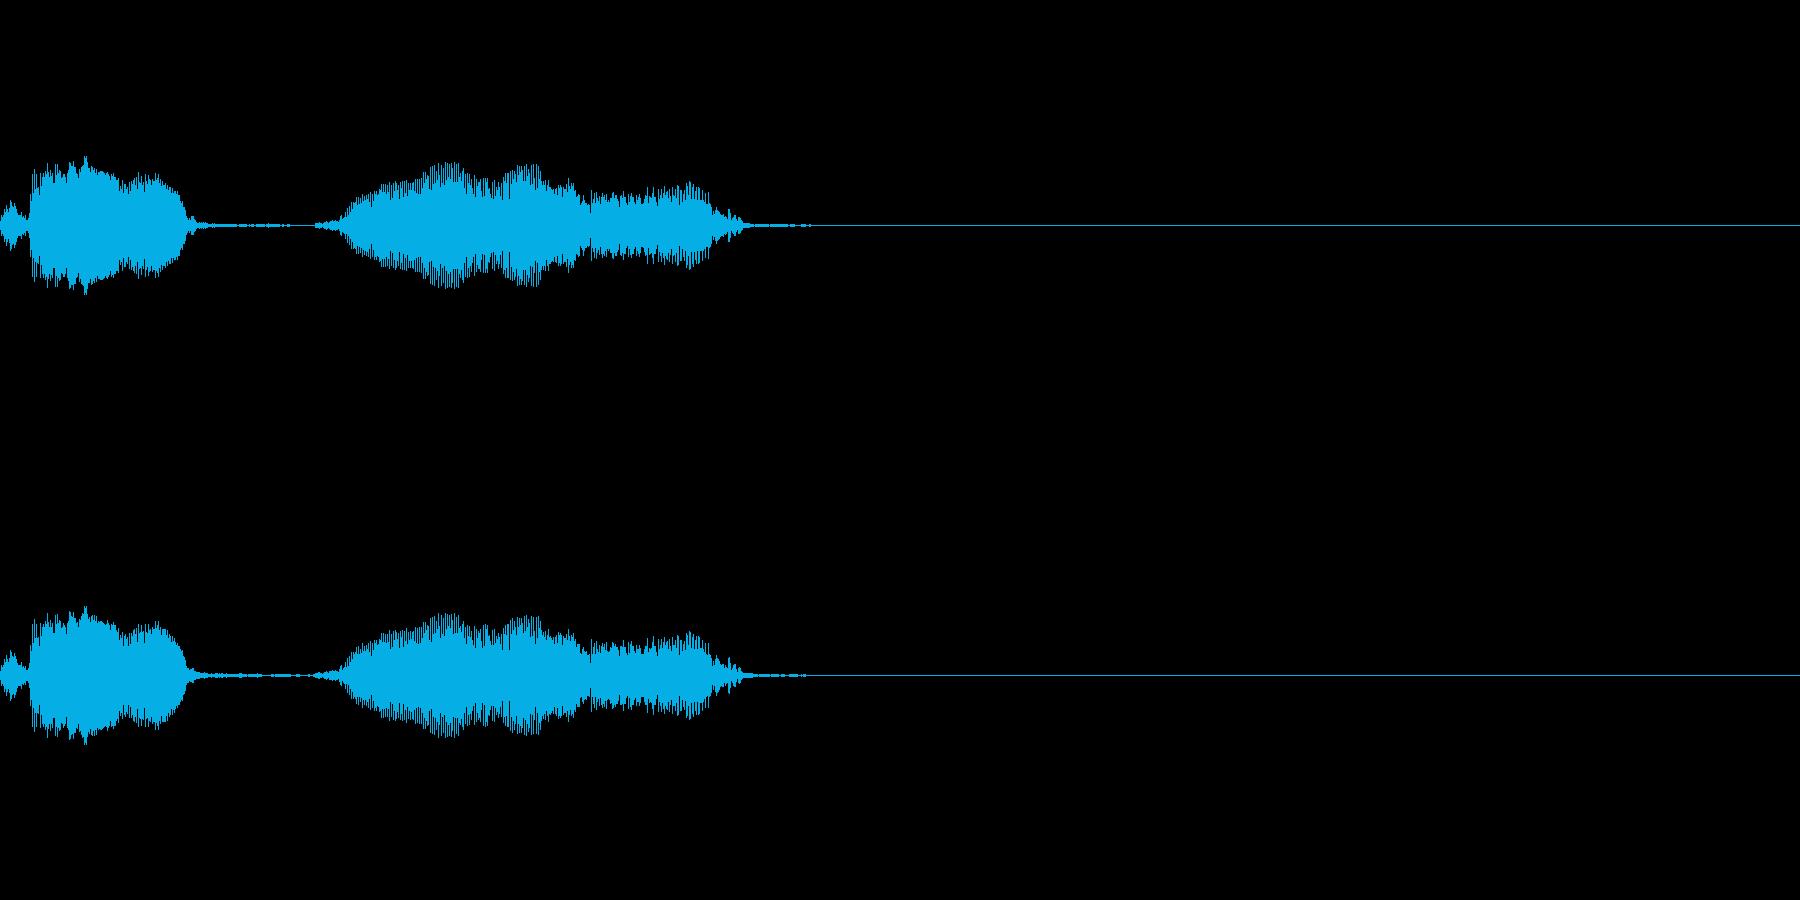 「ショック〜〜!」の再生済みの波形